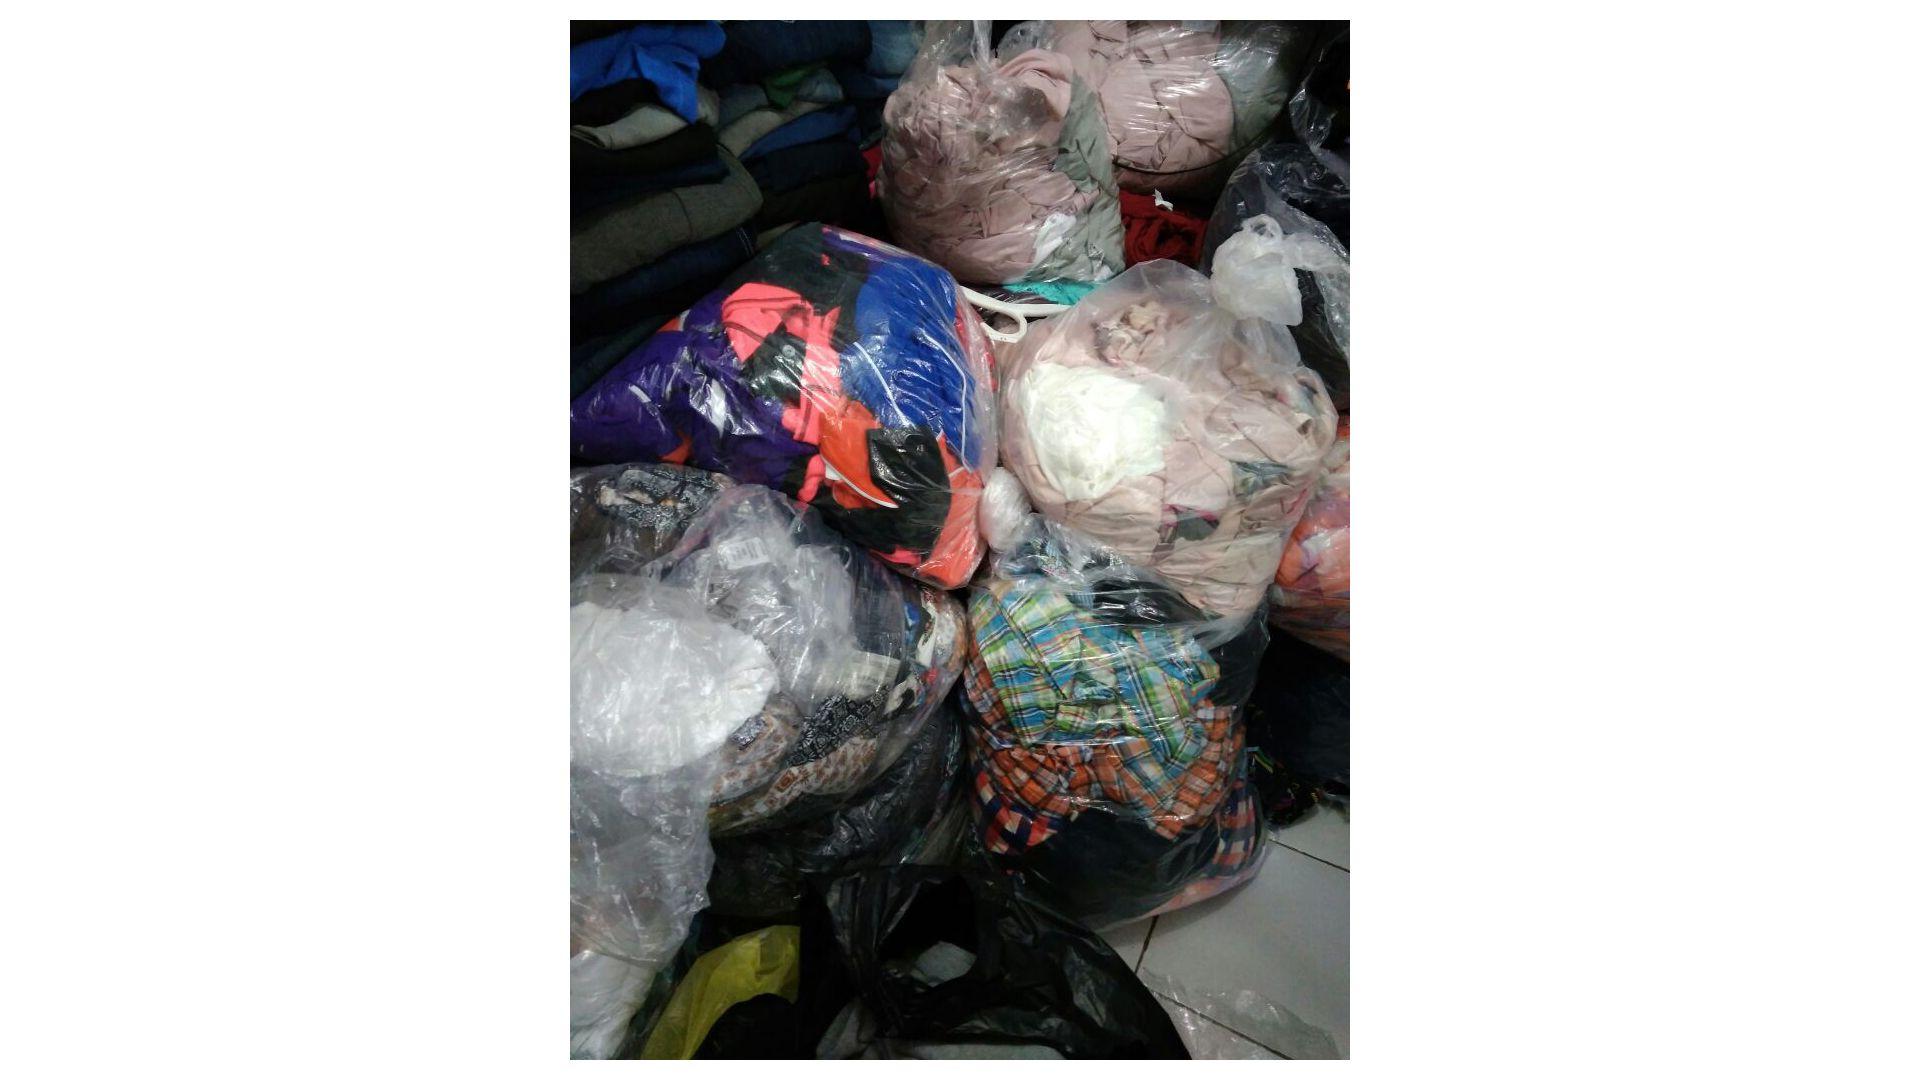 0857 7940 5211 Supplier Baju Branded Dewasa Grosir Baju Olahraga di Medan Grosir Baju Olahraga Wanita di Medan Halo gan sis semuanya BajuBranded